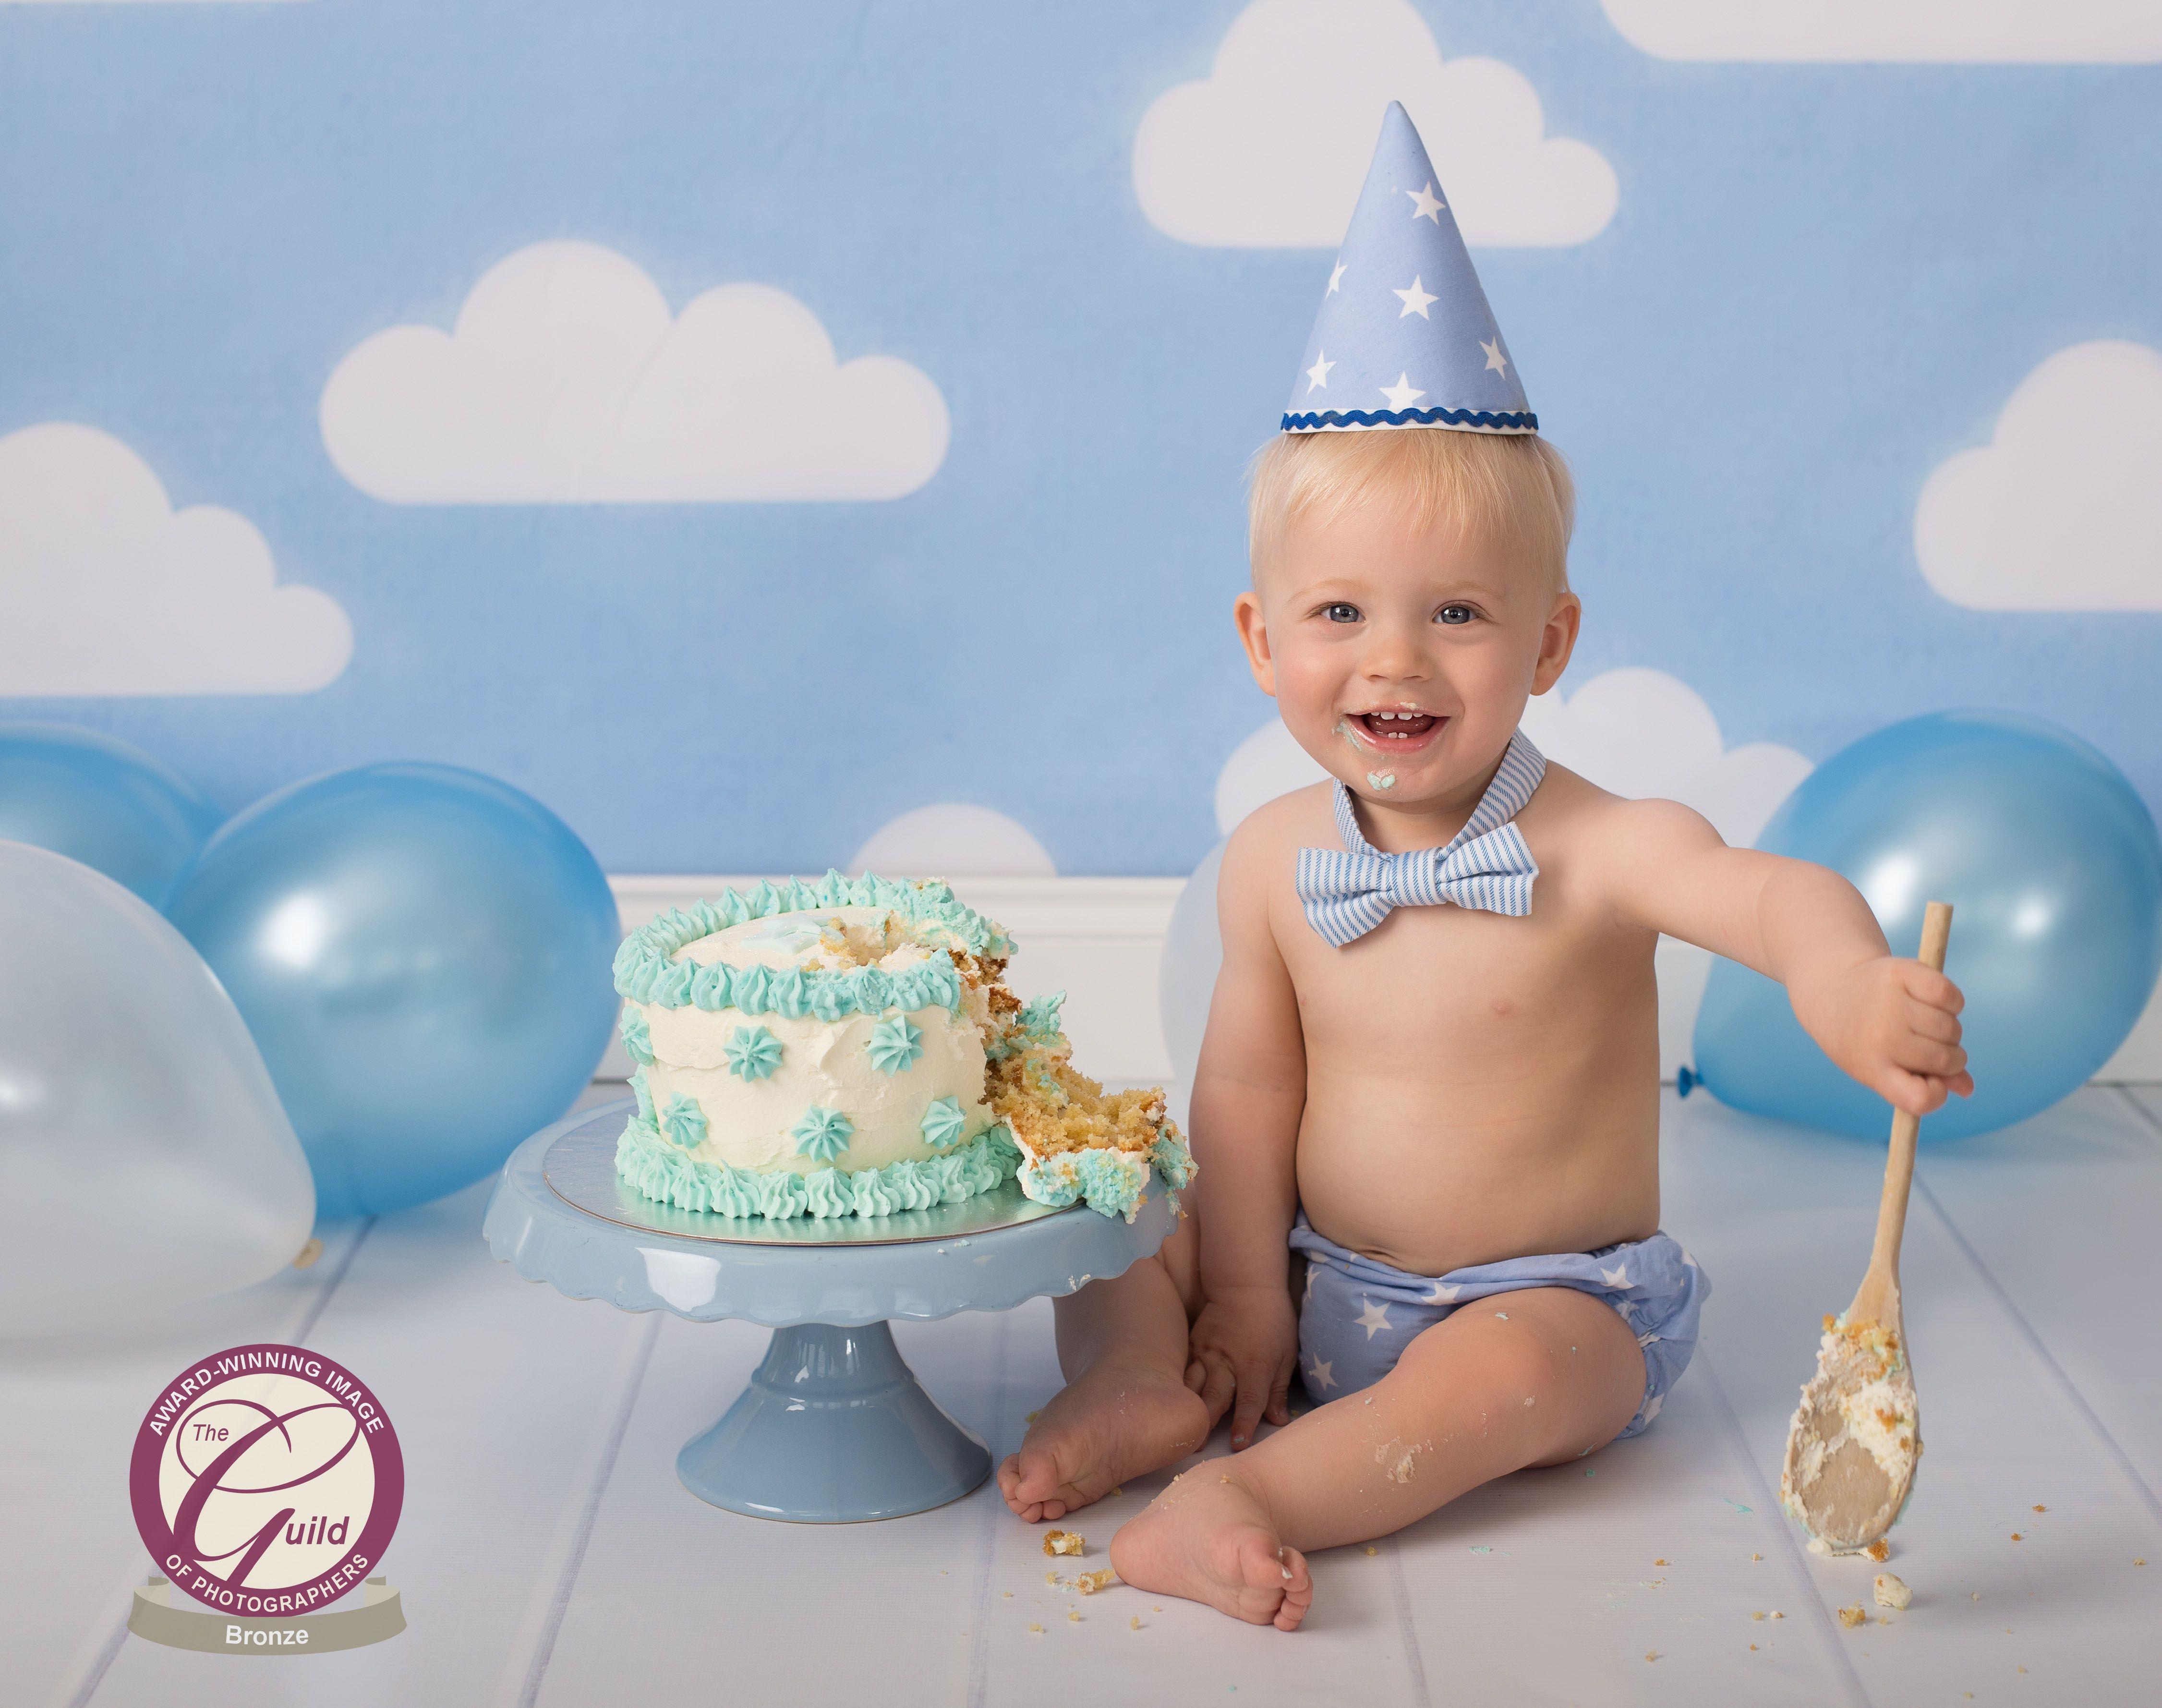 Cake smash gallery lauren murphy photography fiesta